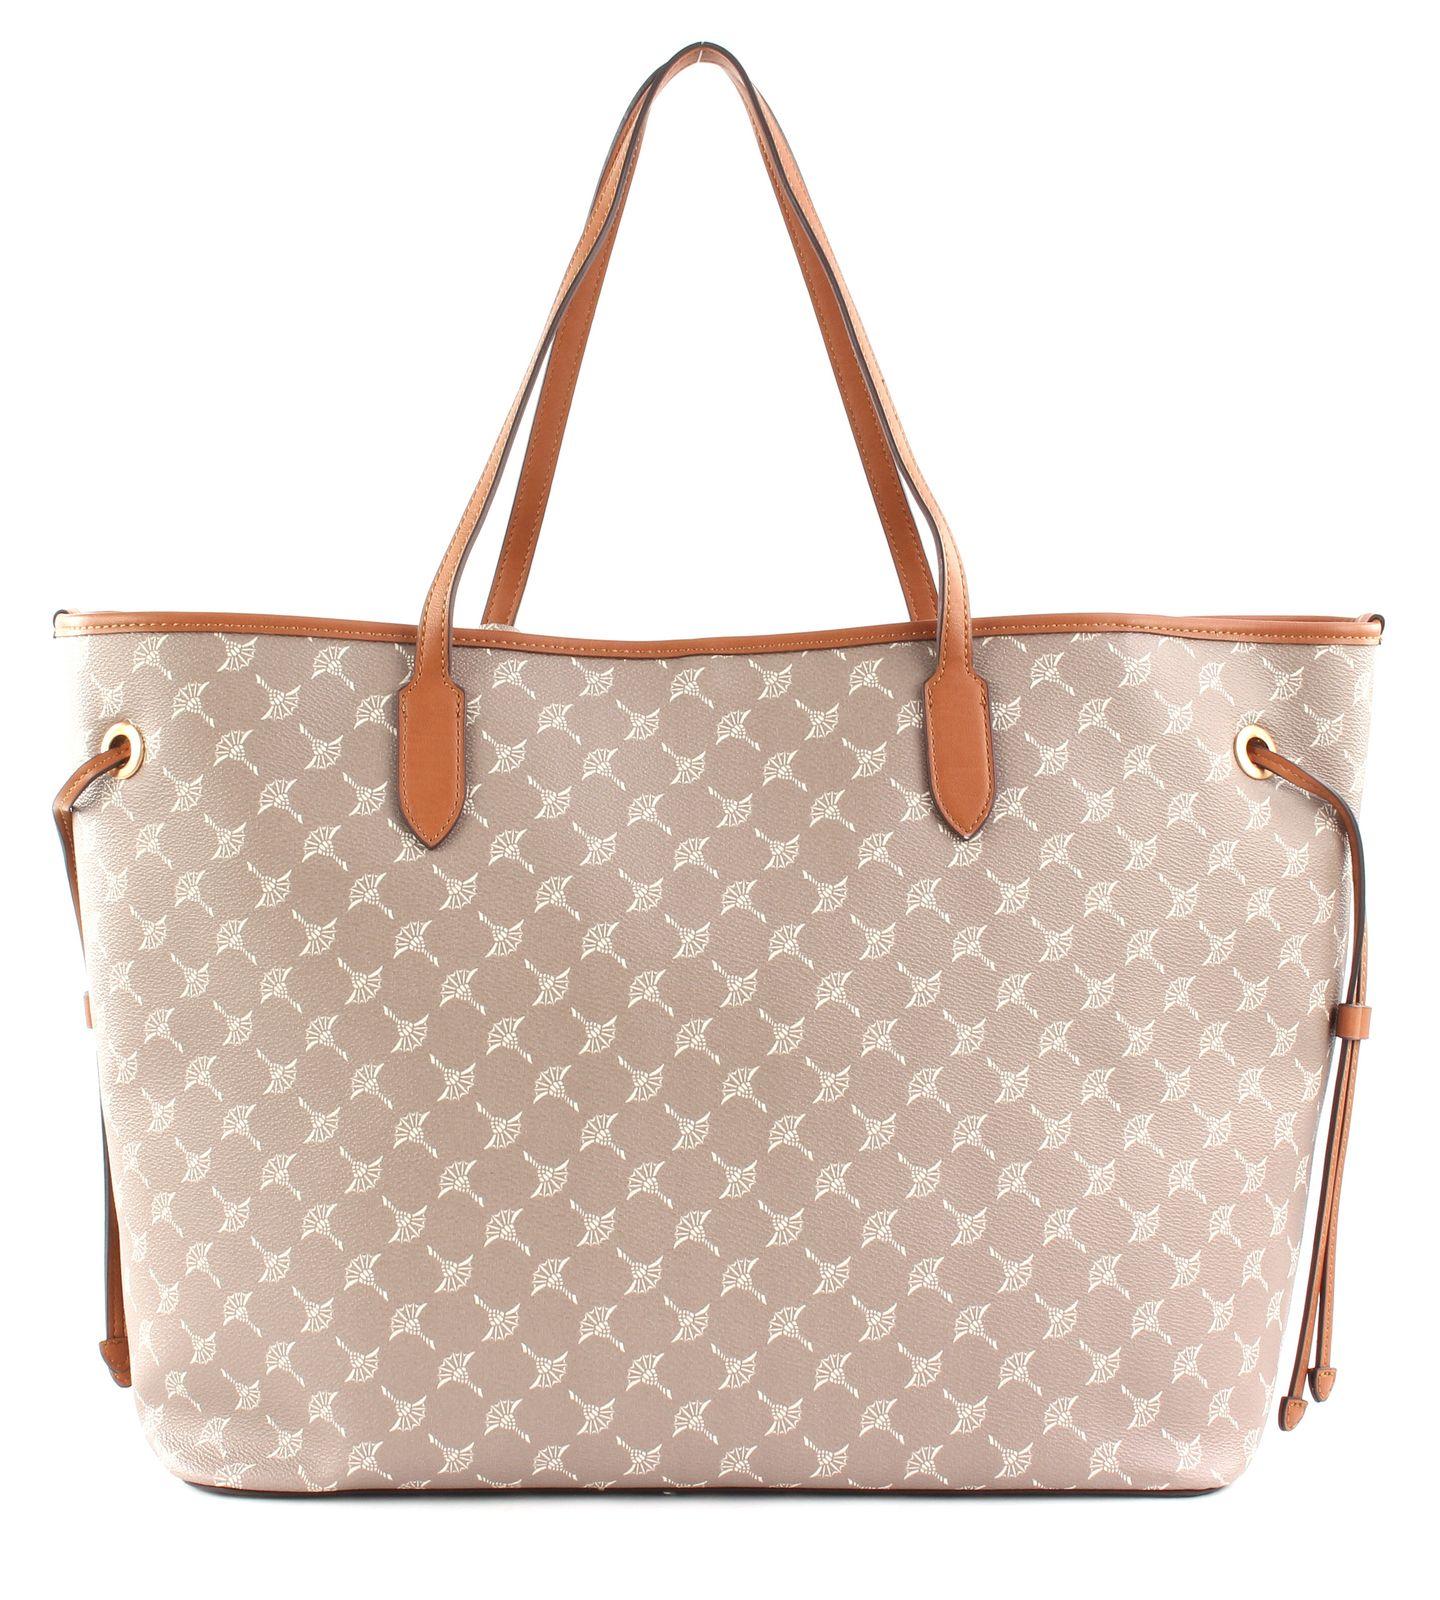 JOOP! shoulder bag Cortina ╠Lara shopper bag XLHO</p>                     </div>                     <!--bof Product URL -->                                         <!--eof Product URL -->                     <!--bof Quantity Discounts table -->                                         <!--eof Quantity Discounts table -->                 </div>                             </div>         </div>     </div>              </form>  <div style=